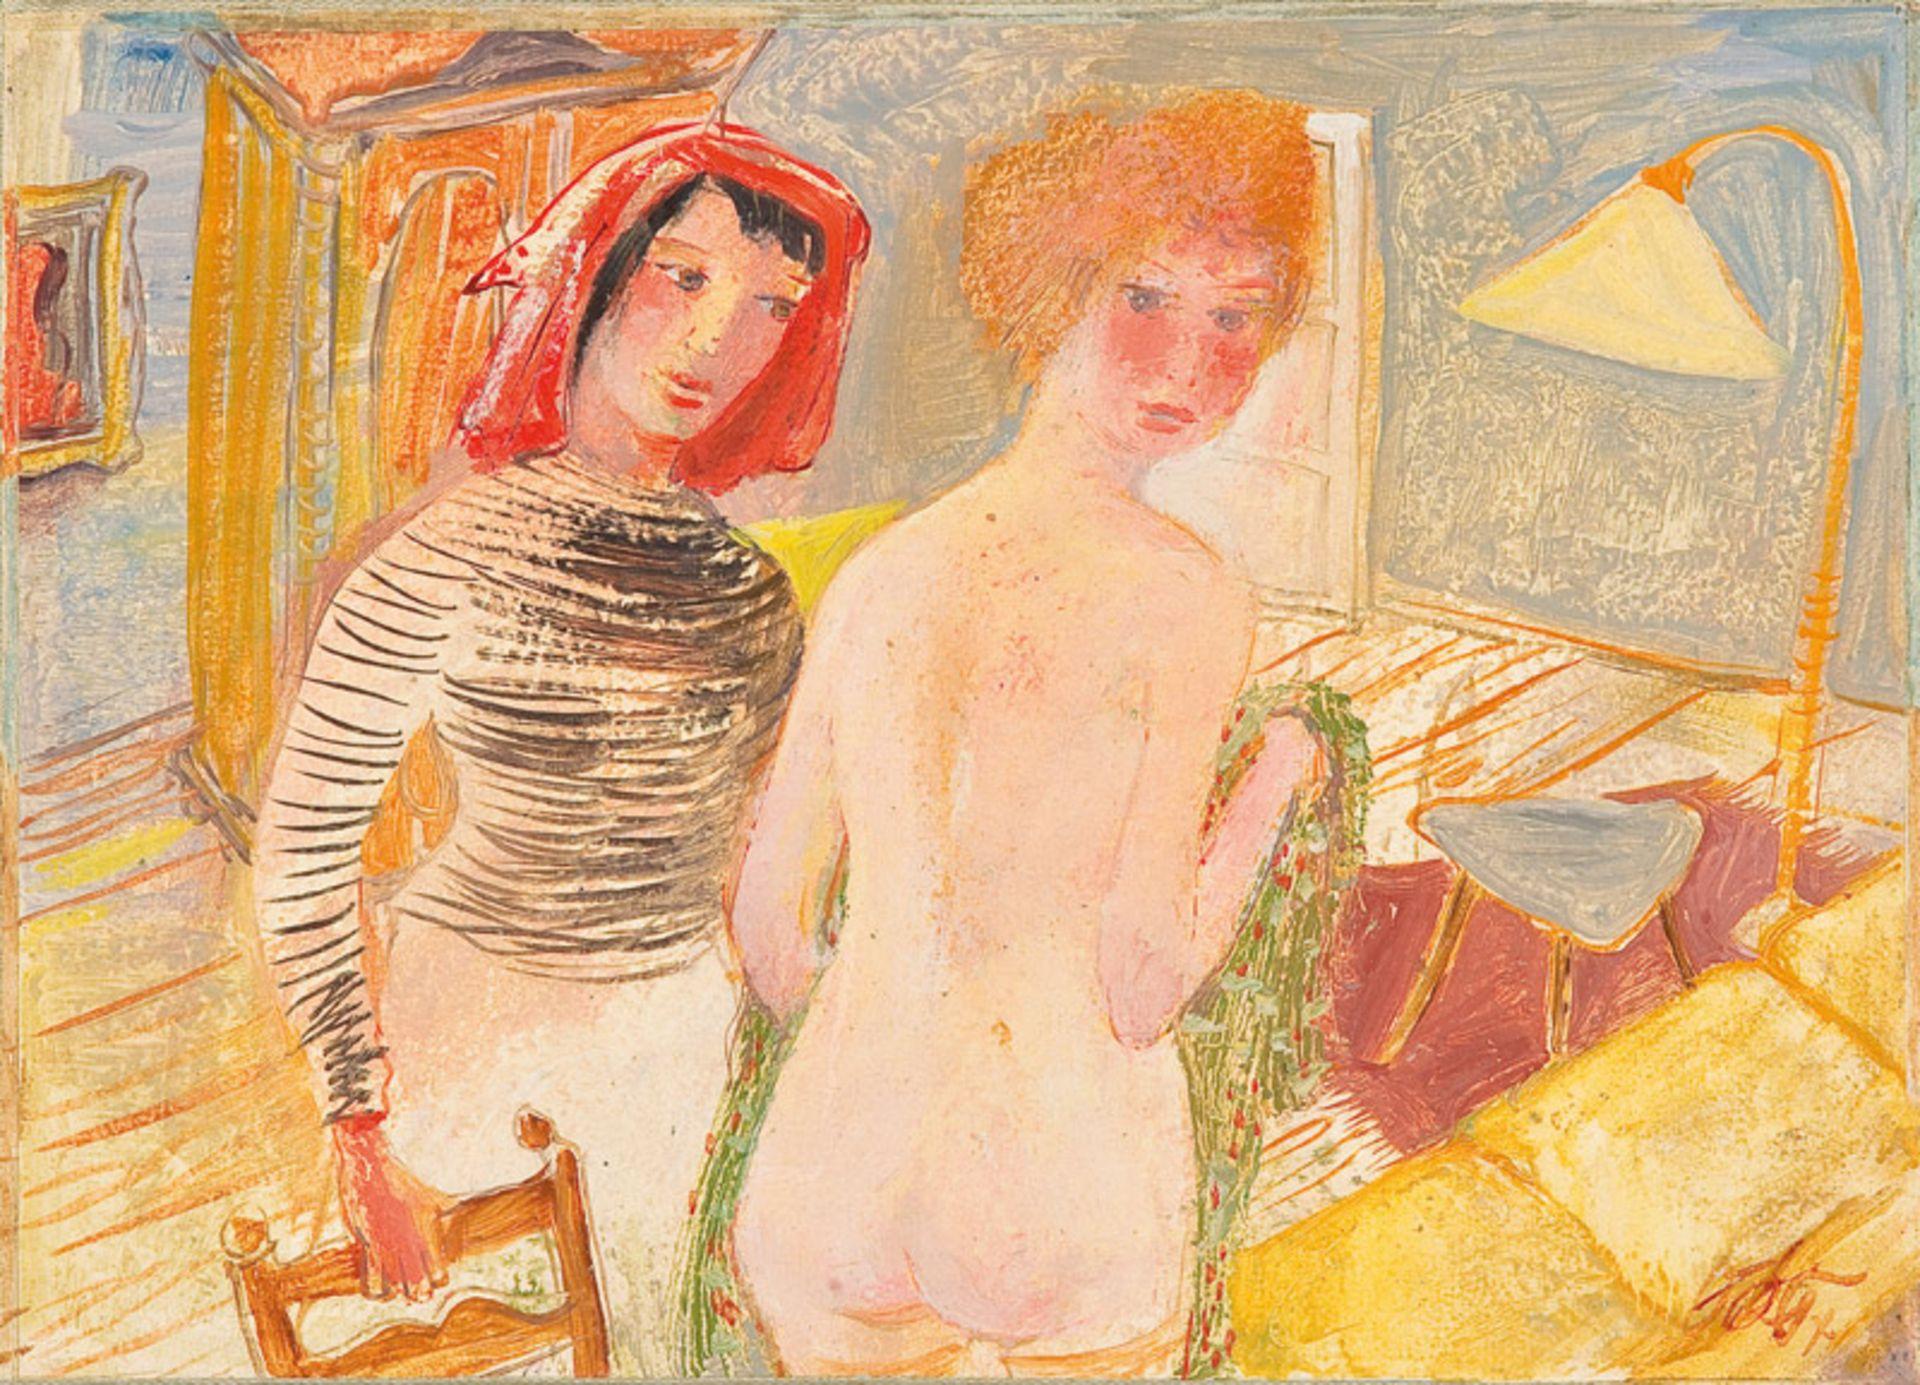 Otto Rudolf Schatz* Two women, c. 1950